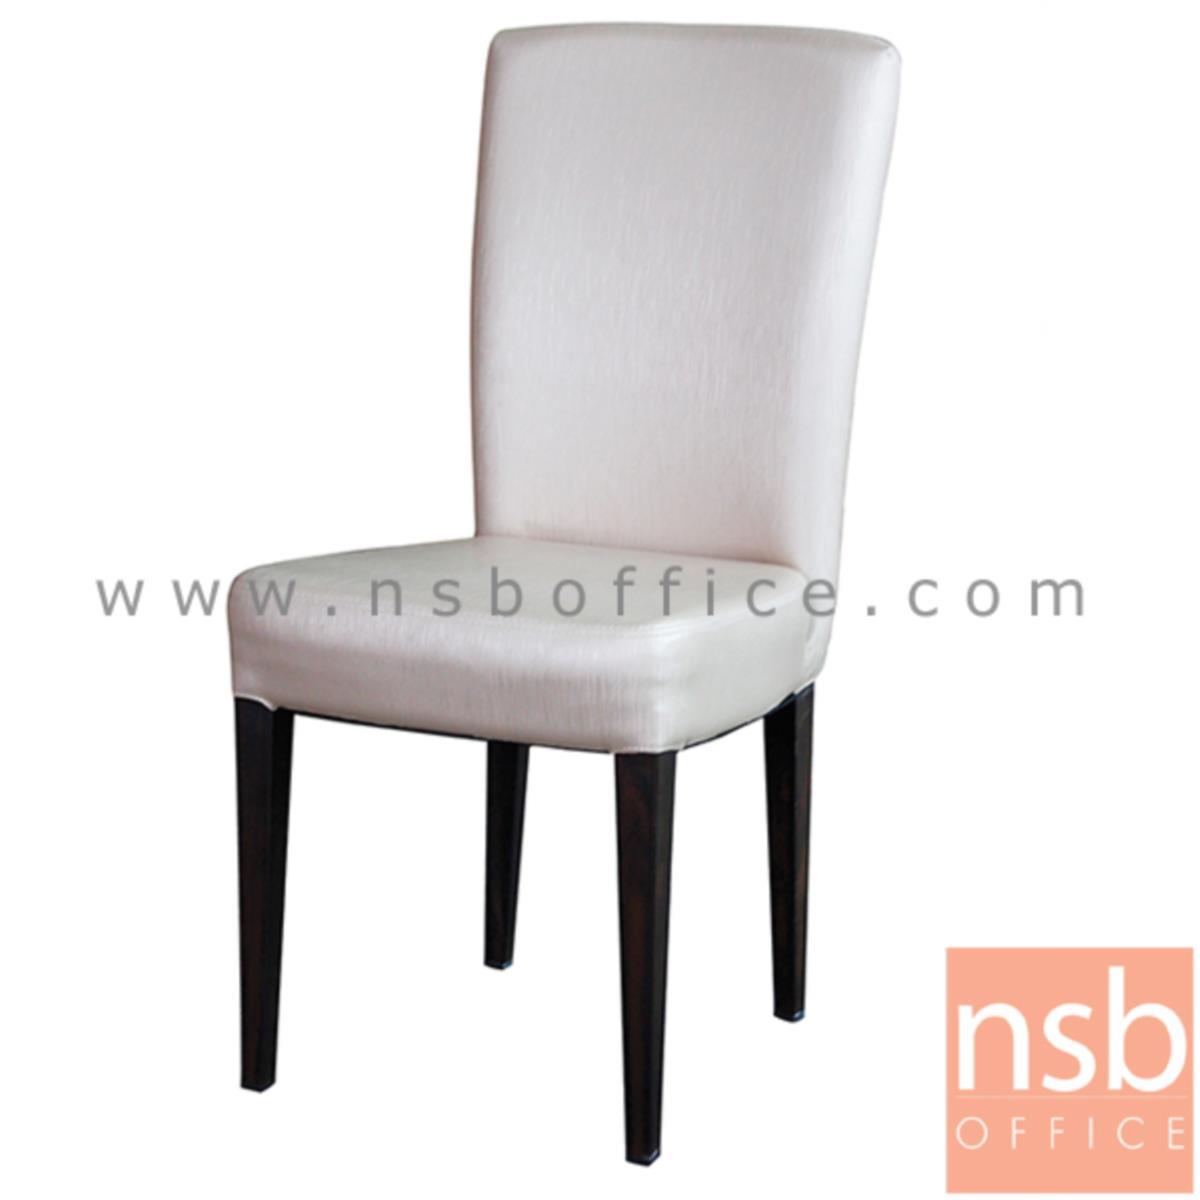 เก้าอี้เหล็กที่นั่งหุ้มหนัง PU รุ่น Raphael (ราฟาเอล) ขาเหล็กพ่นสีไม้จริง